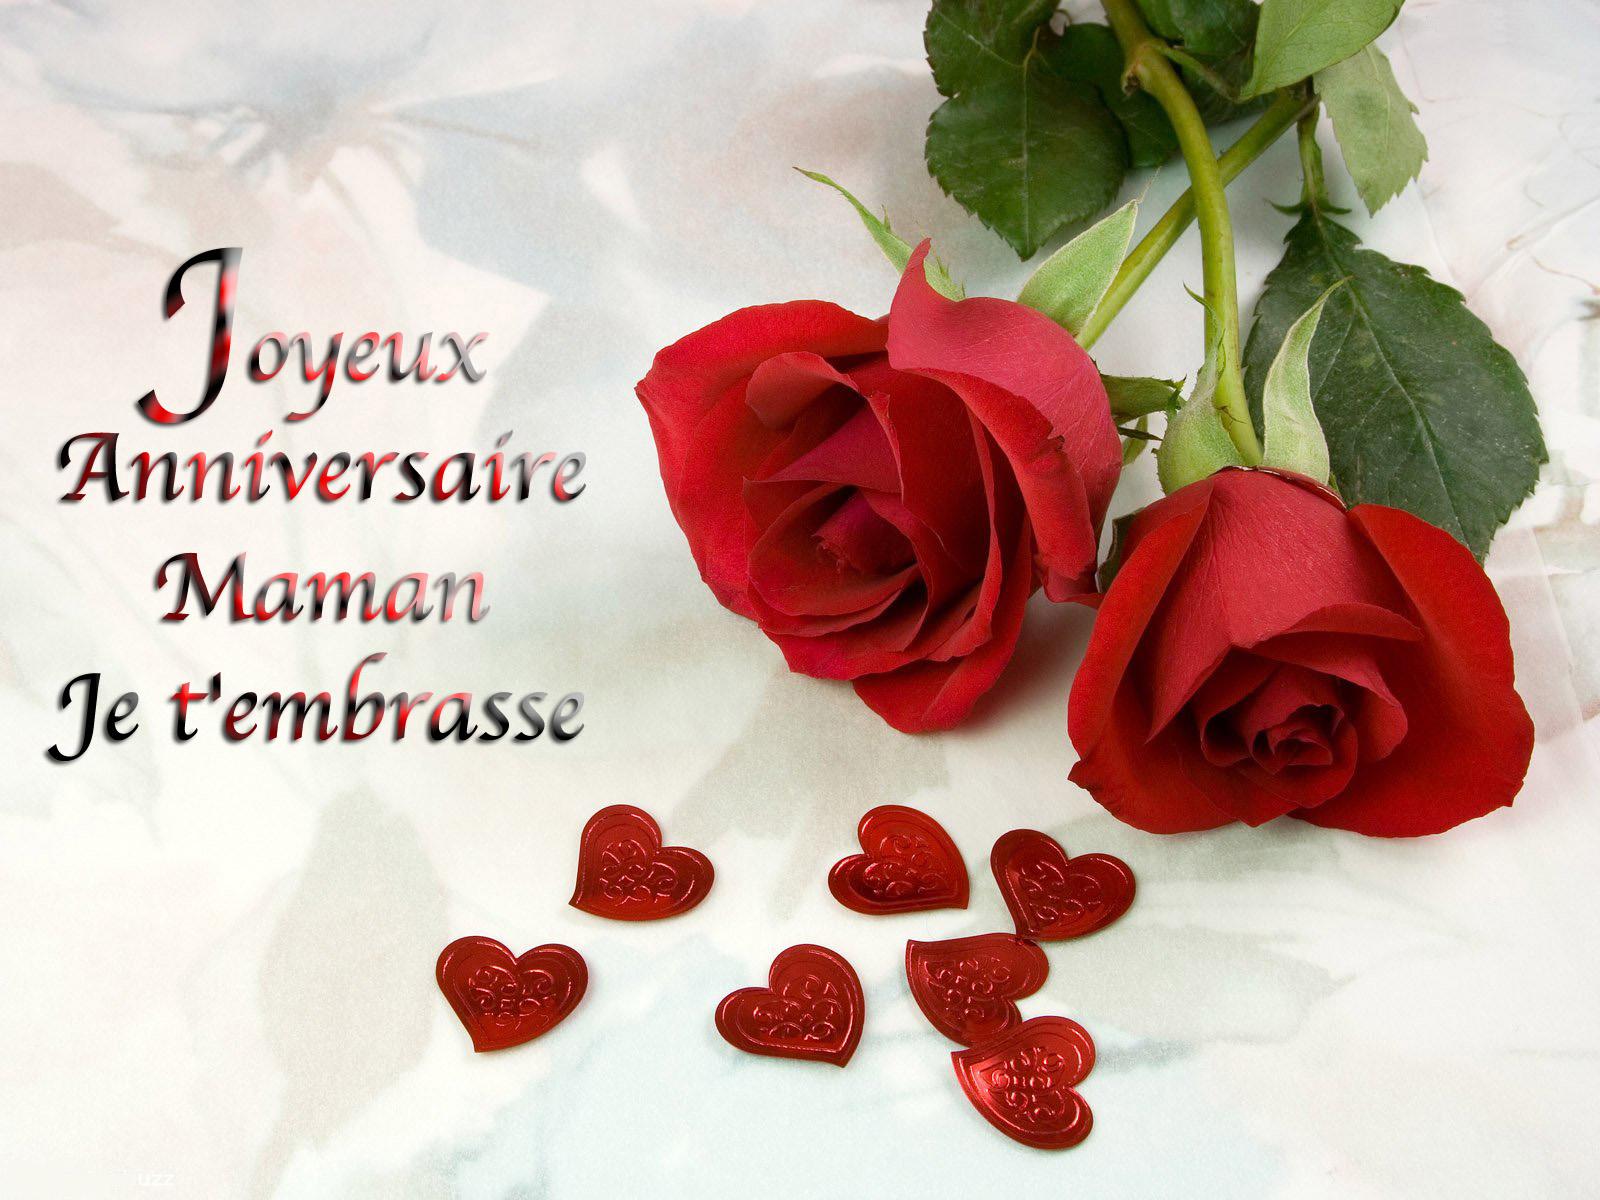 Carte Bonne Anniversaire Maman Imprimer   Wizzyloremaria Web dedans Carte Bonne Fete Maman A Imprimer